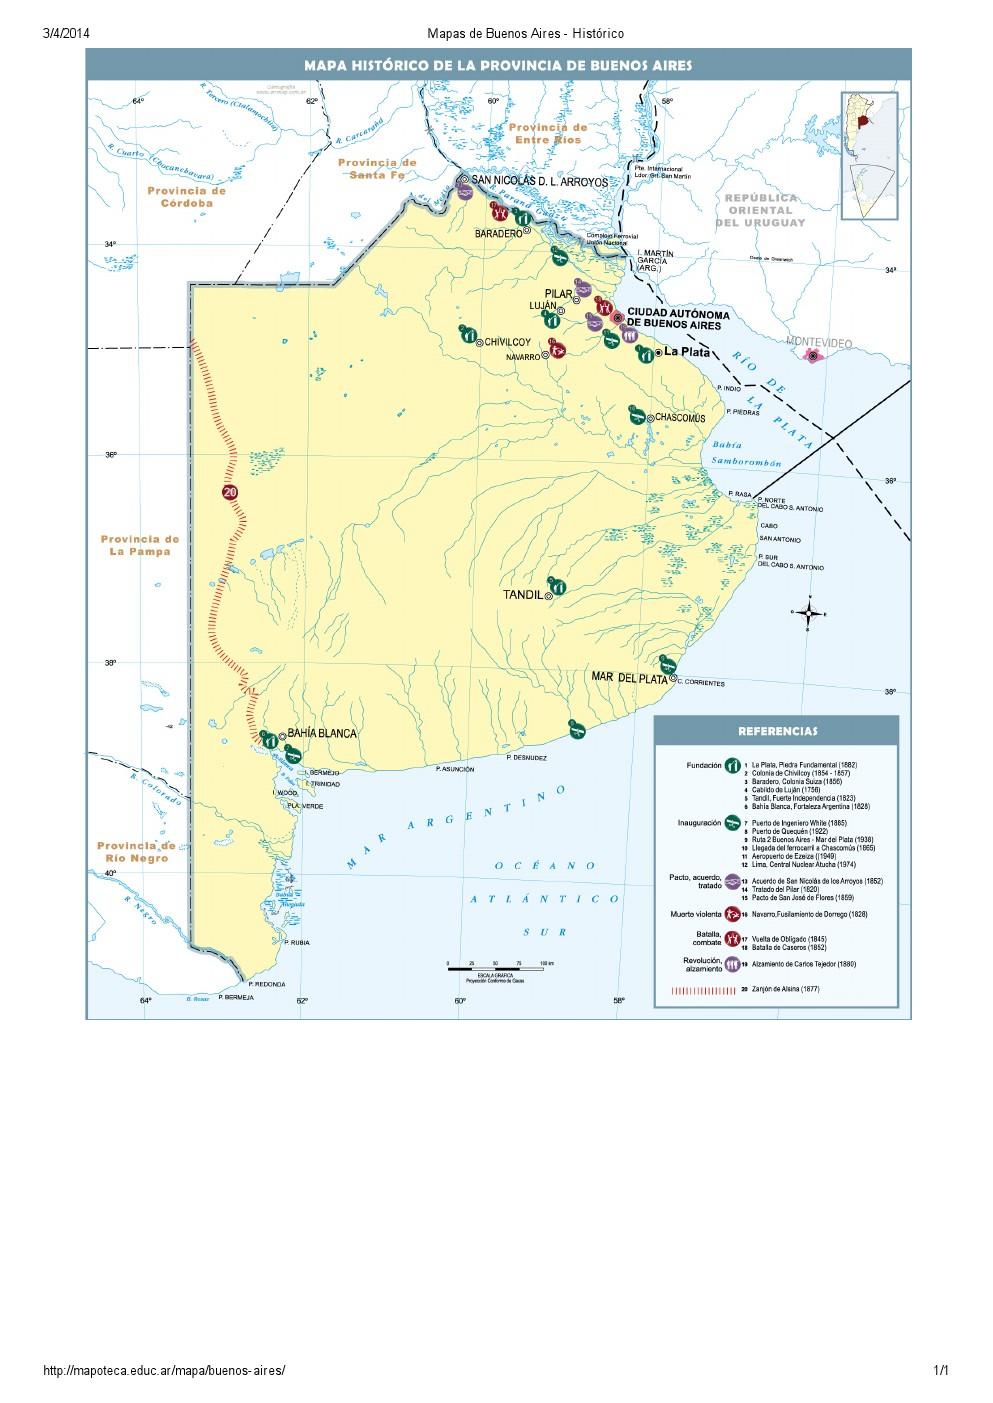 Mapa histórico de Buenos Aires. Mapoteca de Educ.ar